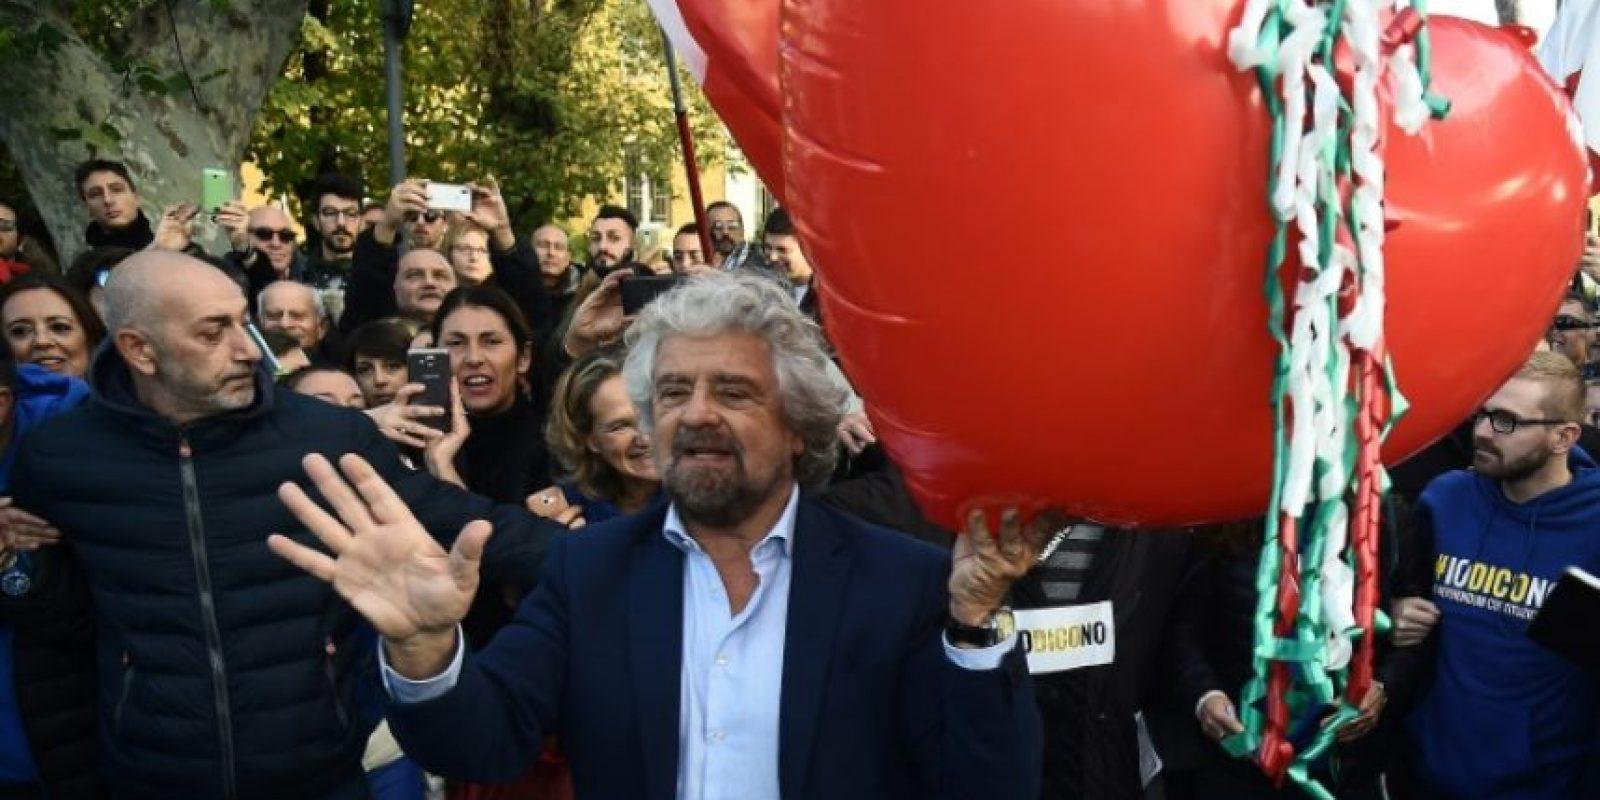 El líder del Movimiento Cinco Estrellas, Beppe Grillo, en una manifestación de cara al referéndum constitucional en Italia, el 26 de noviembre de 2016 en Roma Foto:Filippo Monteforte/afp.com